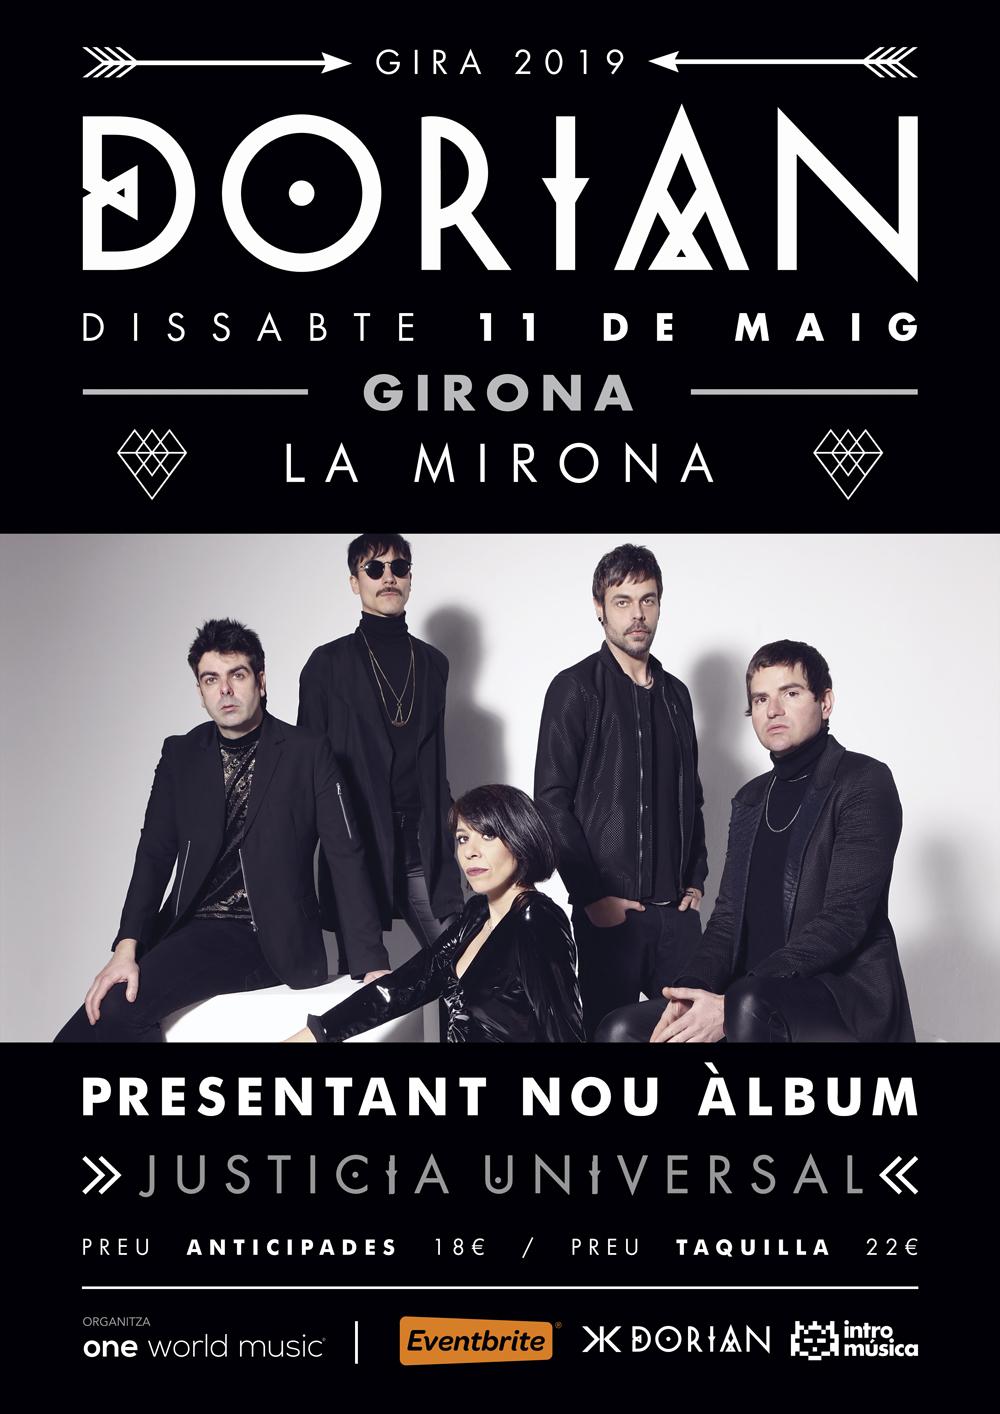 Dorian_Girona